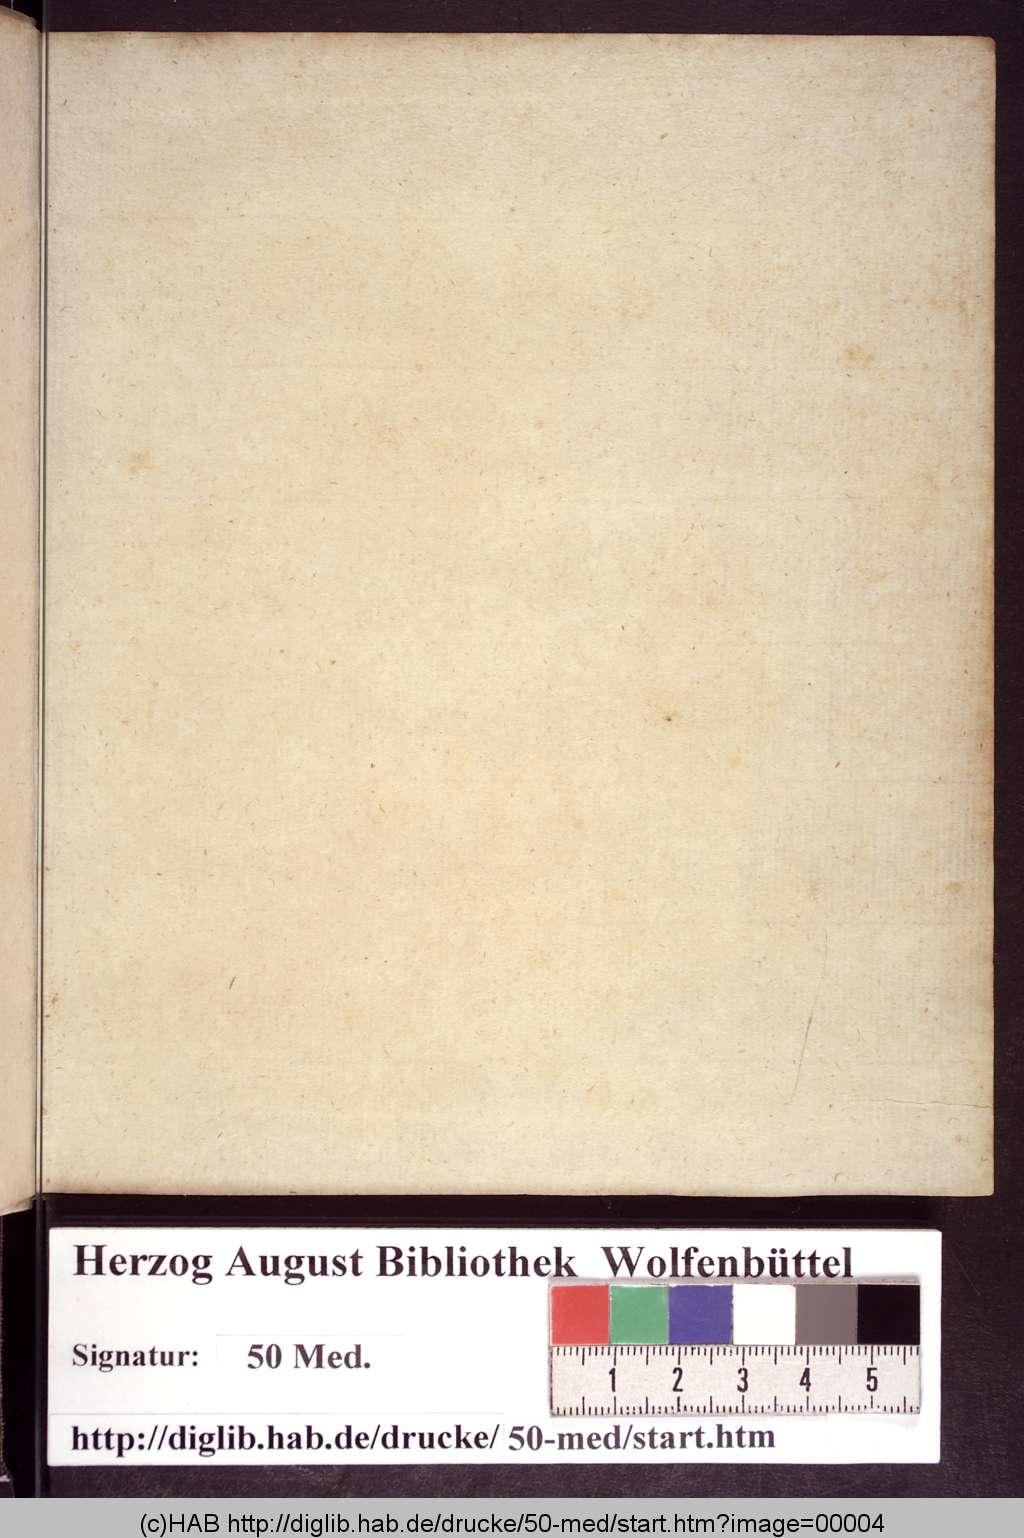 http://diglib.hab.de/drucke/50-med/00004.jpg